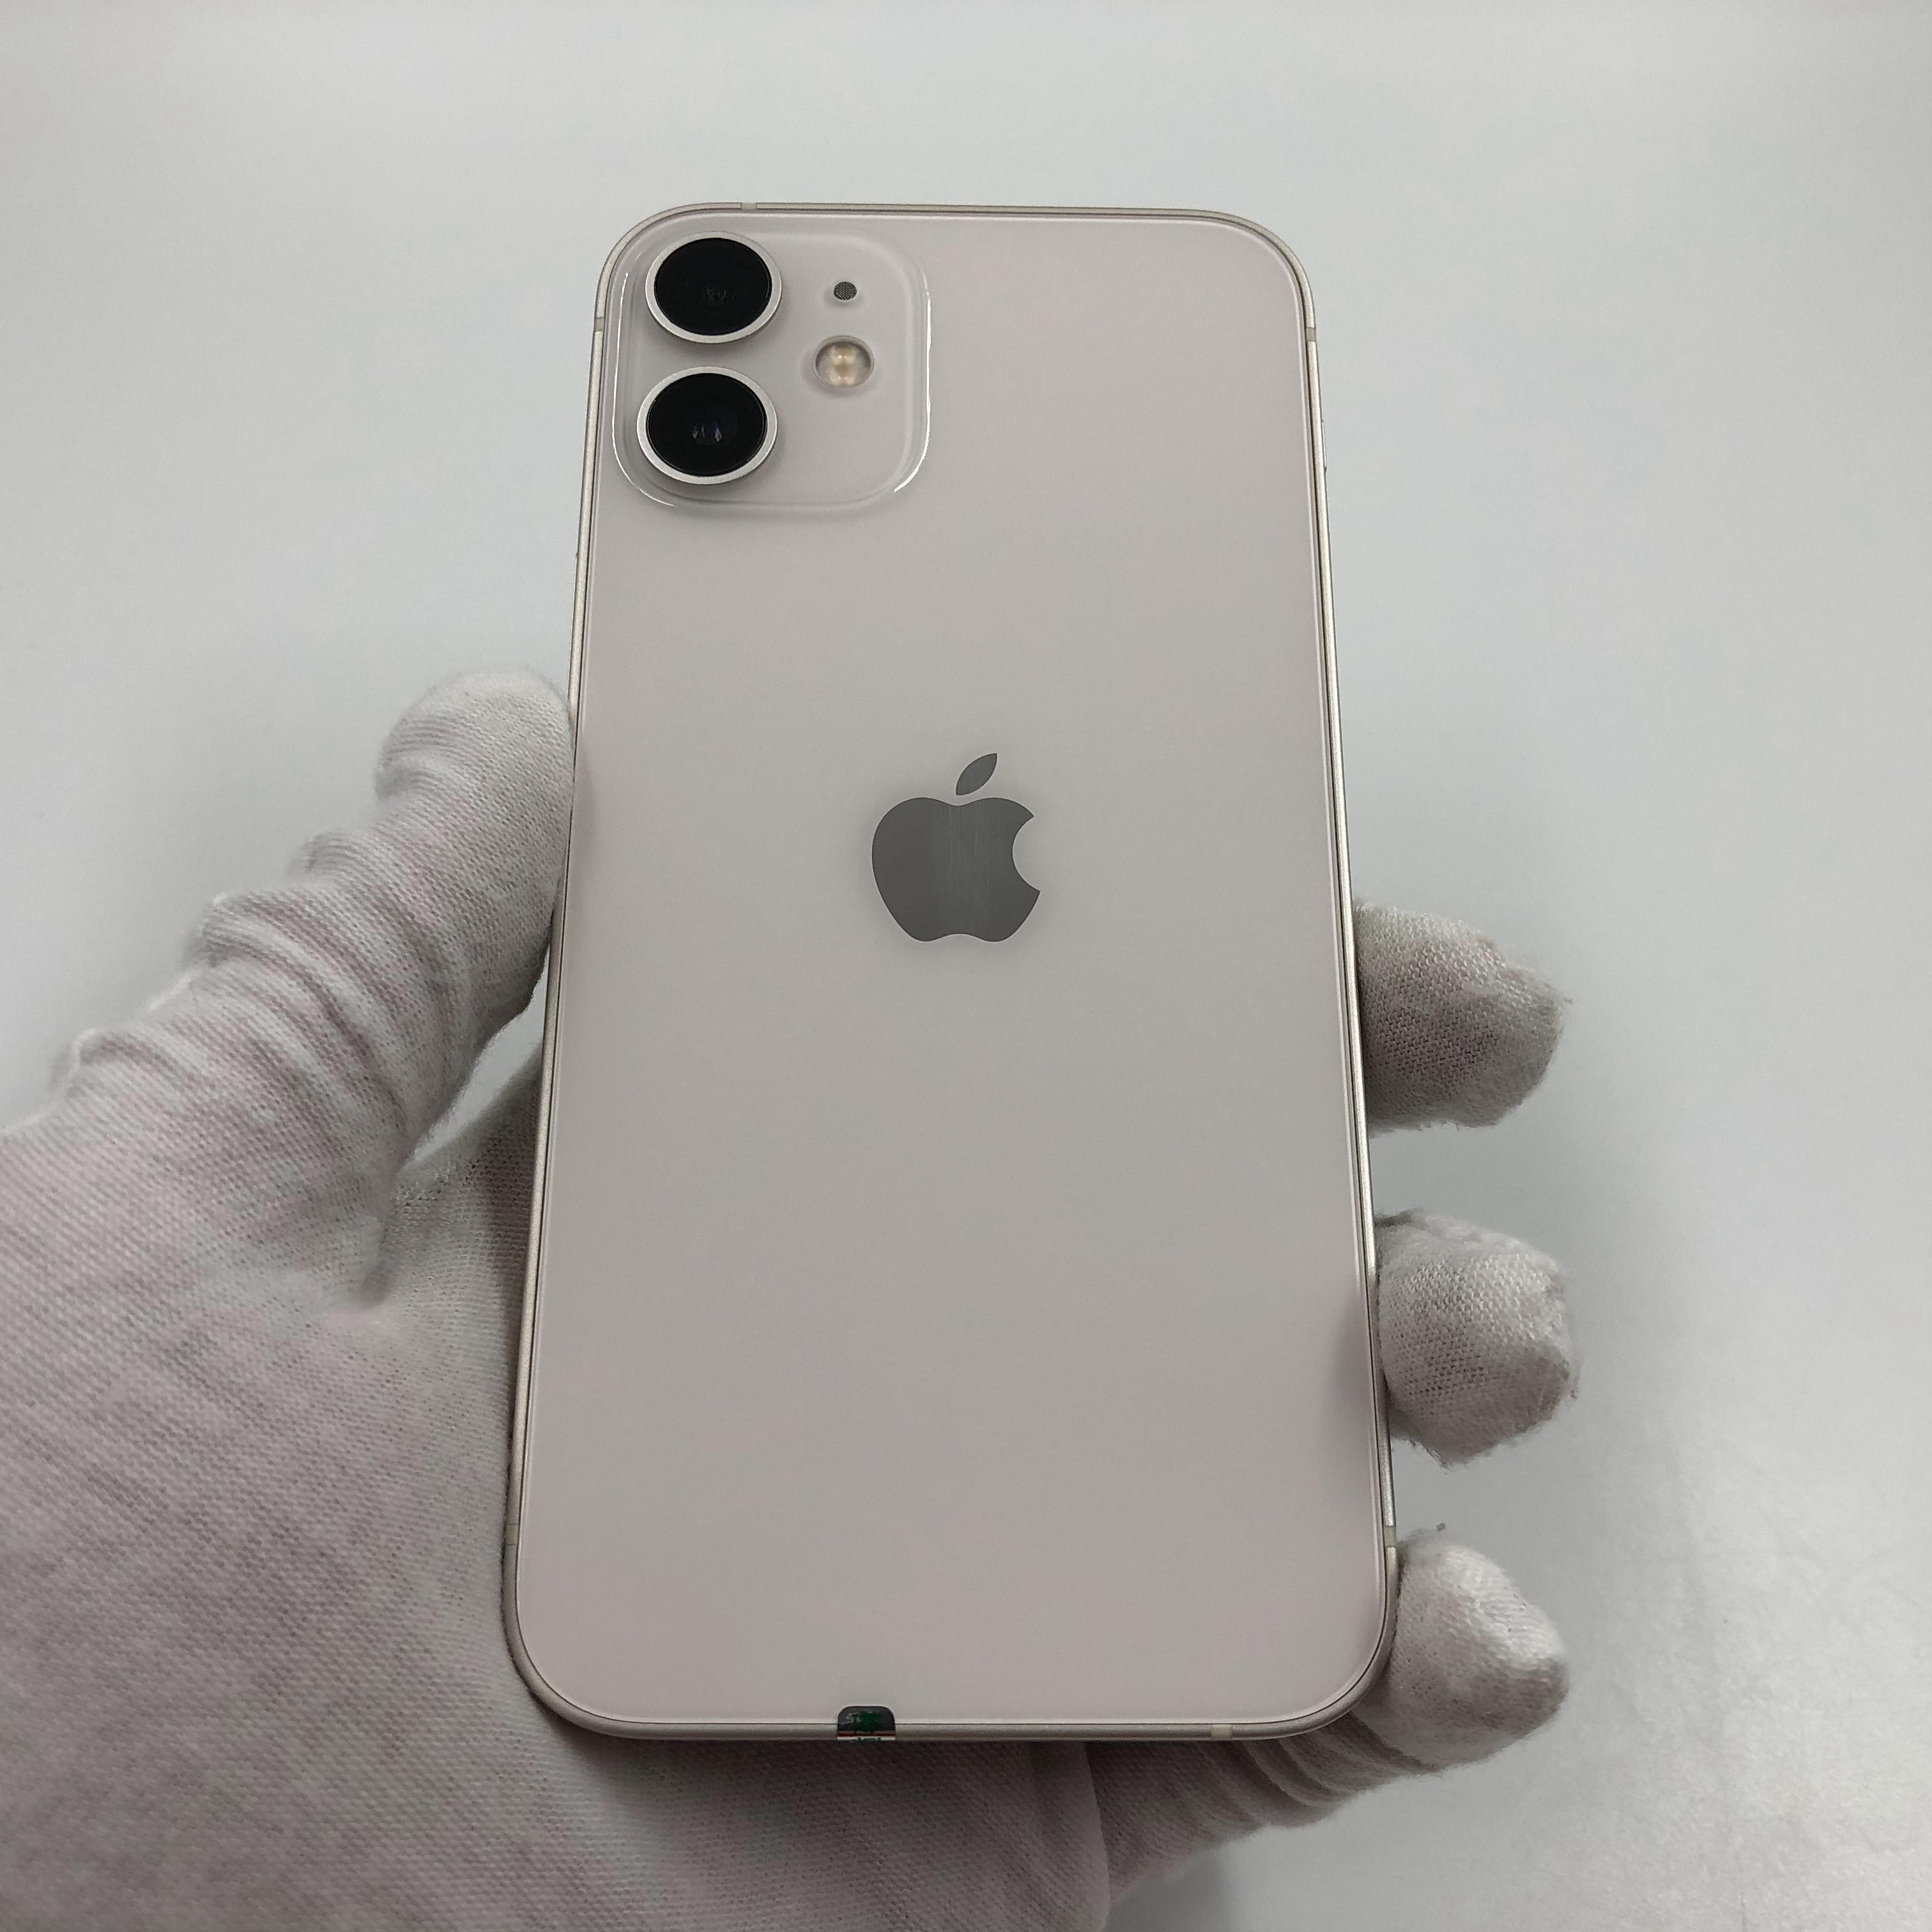 苹果【iPhone 12 mini】5G全网通 白色 128G 国行 8成新 真机实拍官保2022-01-24